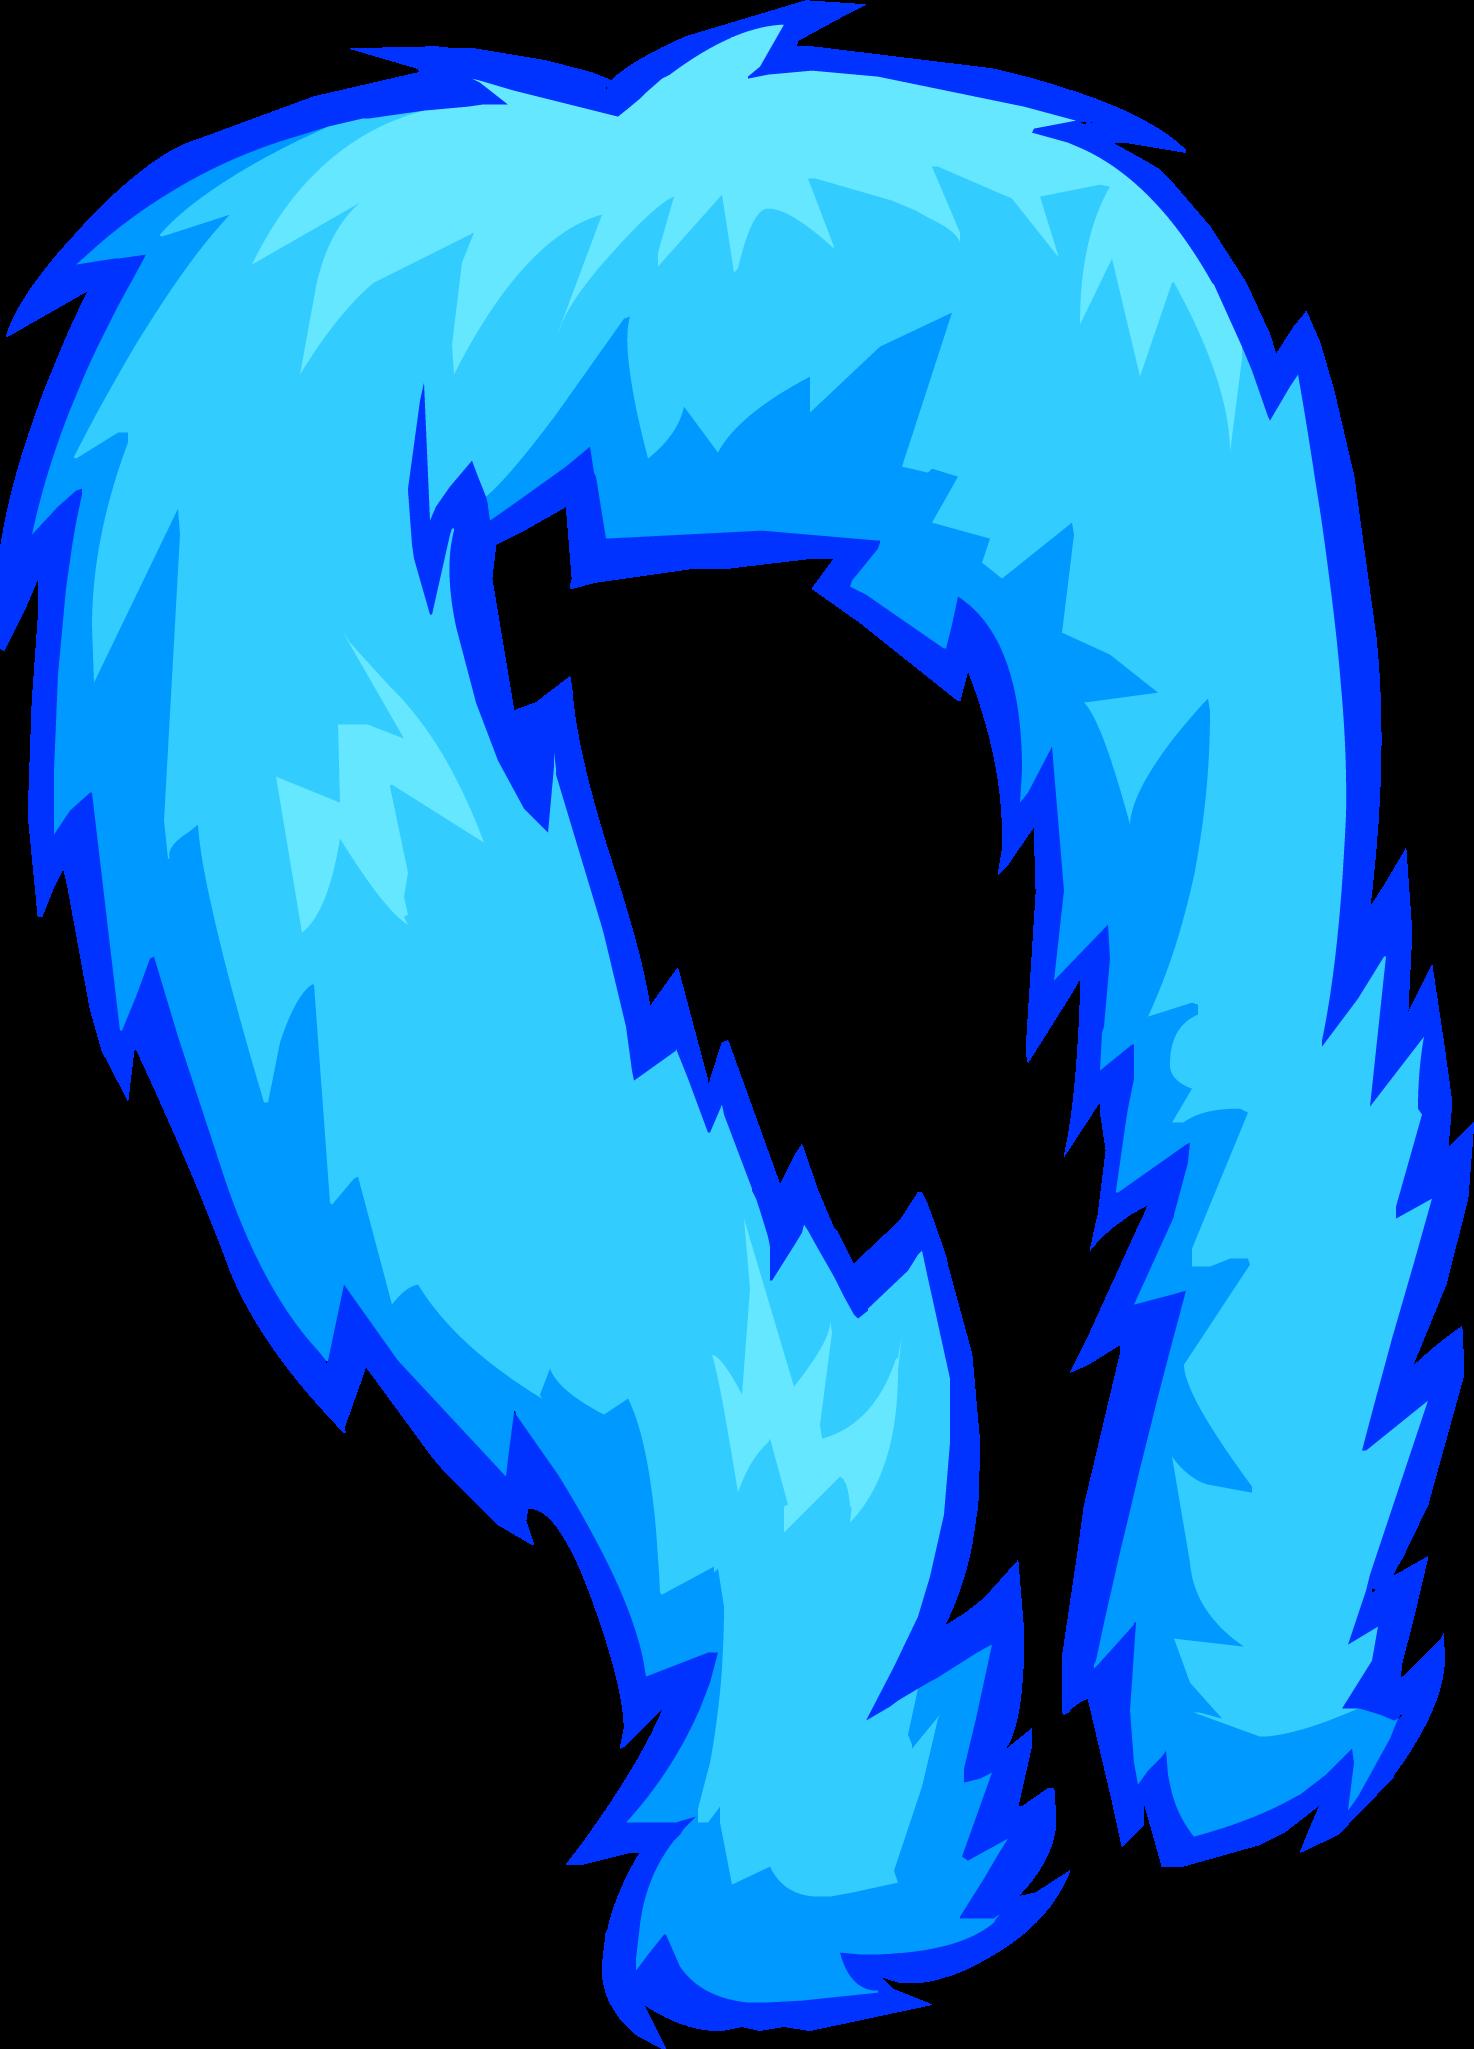 Blue Feather Boa.